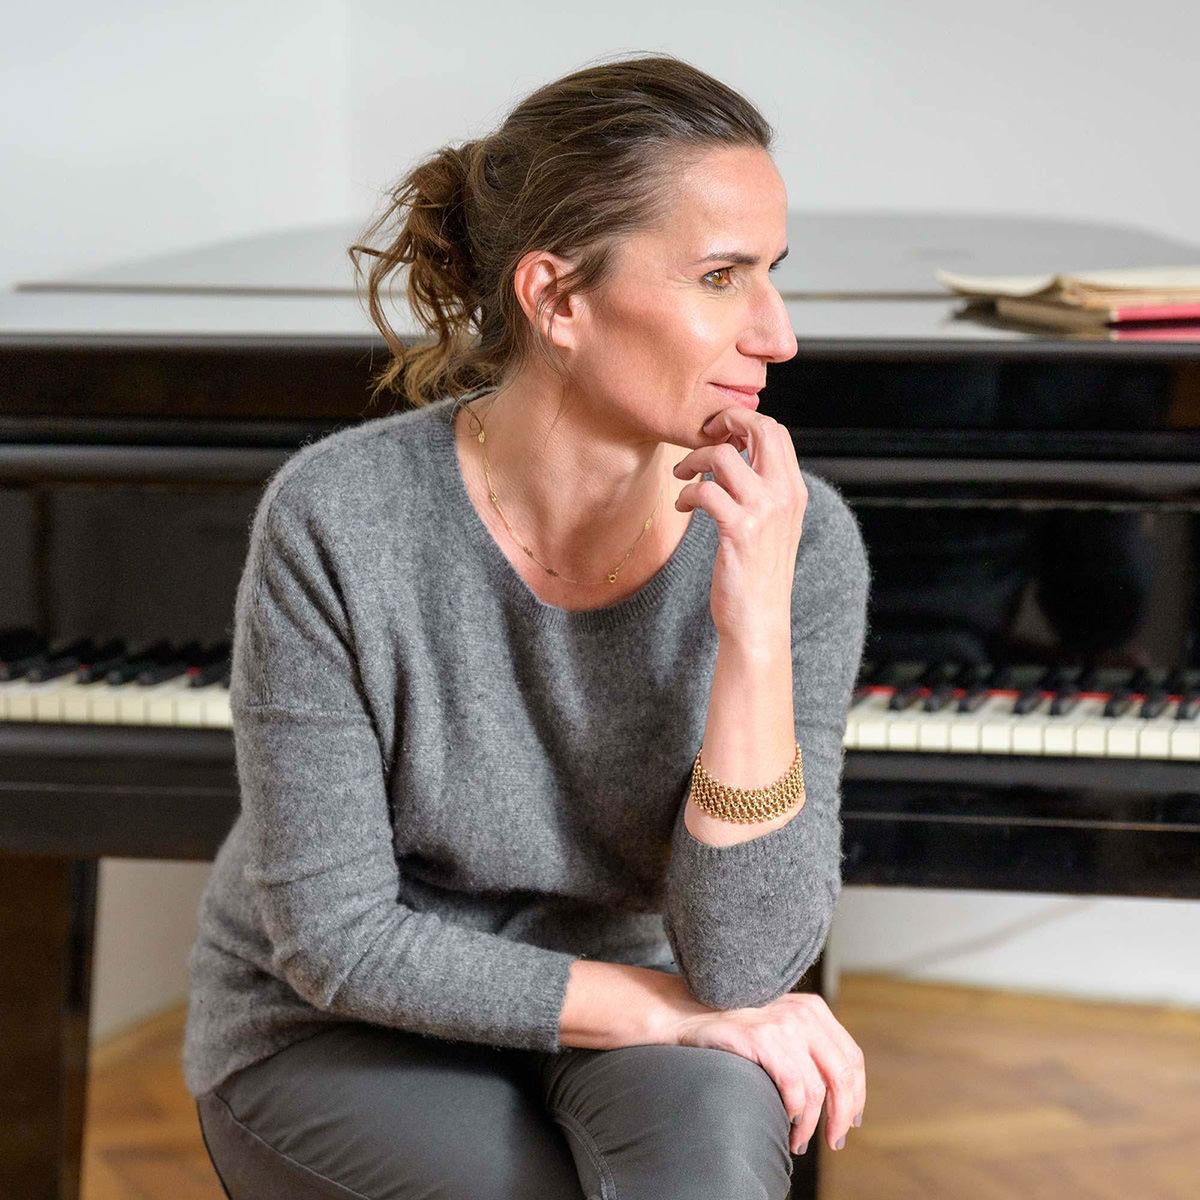 Seitliches Porträt einer Frau mit Klavier im Hintergrund